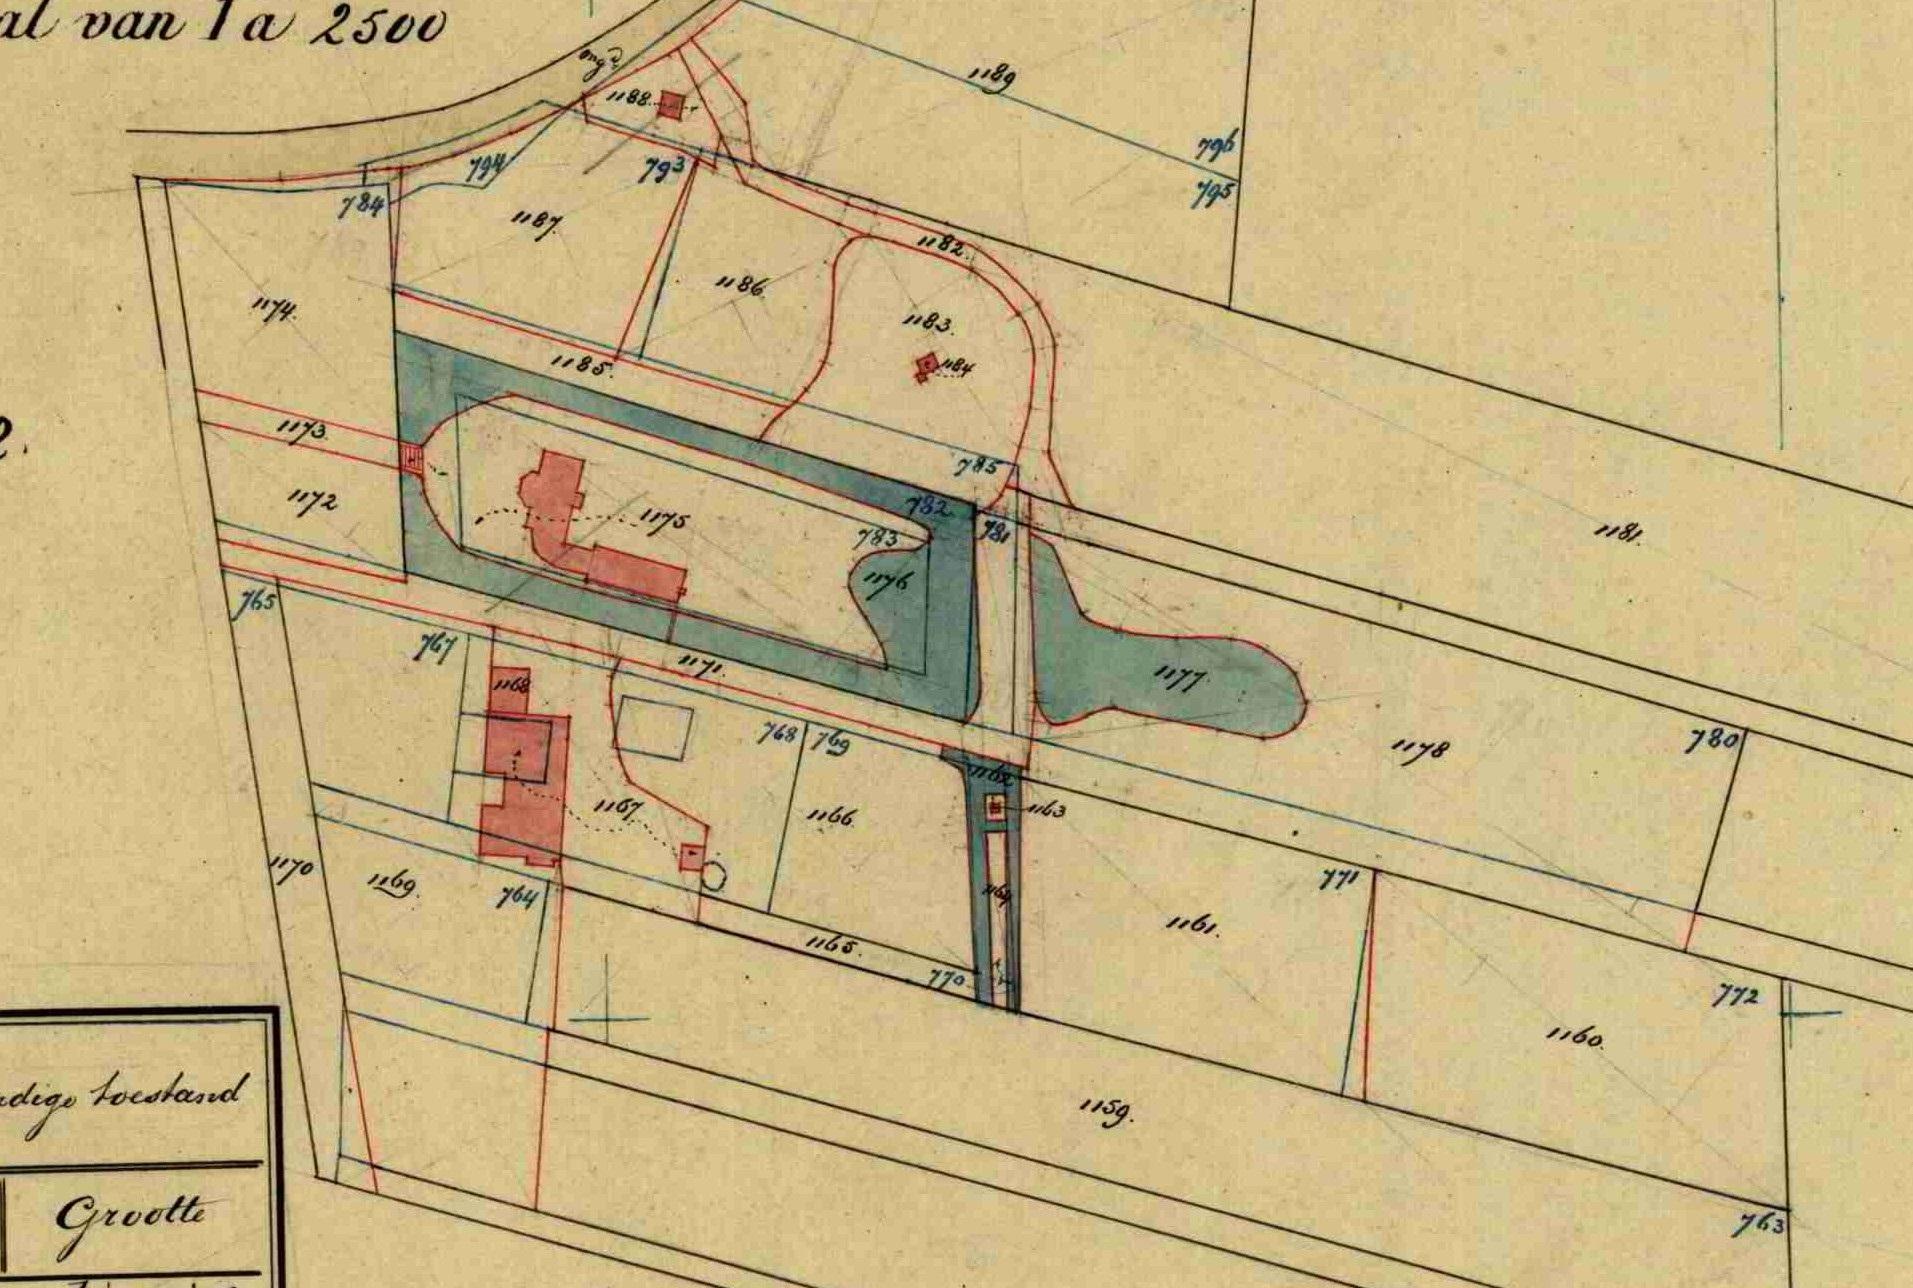 Kadastrale hulpkaart uit 1882. Bruinhorst is gebouwd op een ten minste 18e eeuws omgracht perceel hakhout.